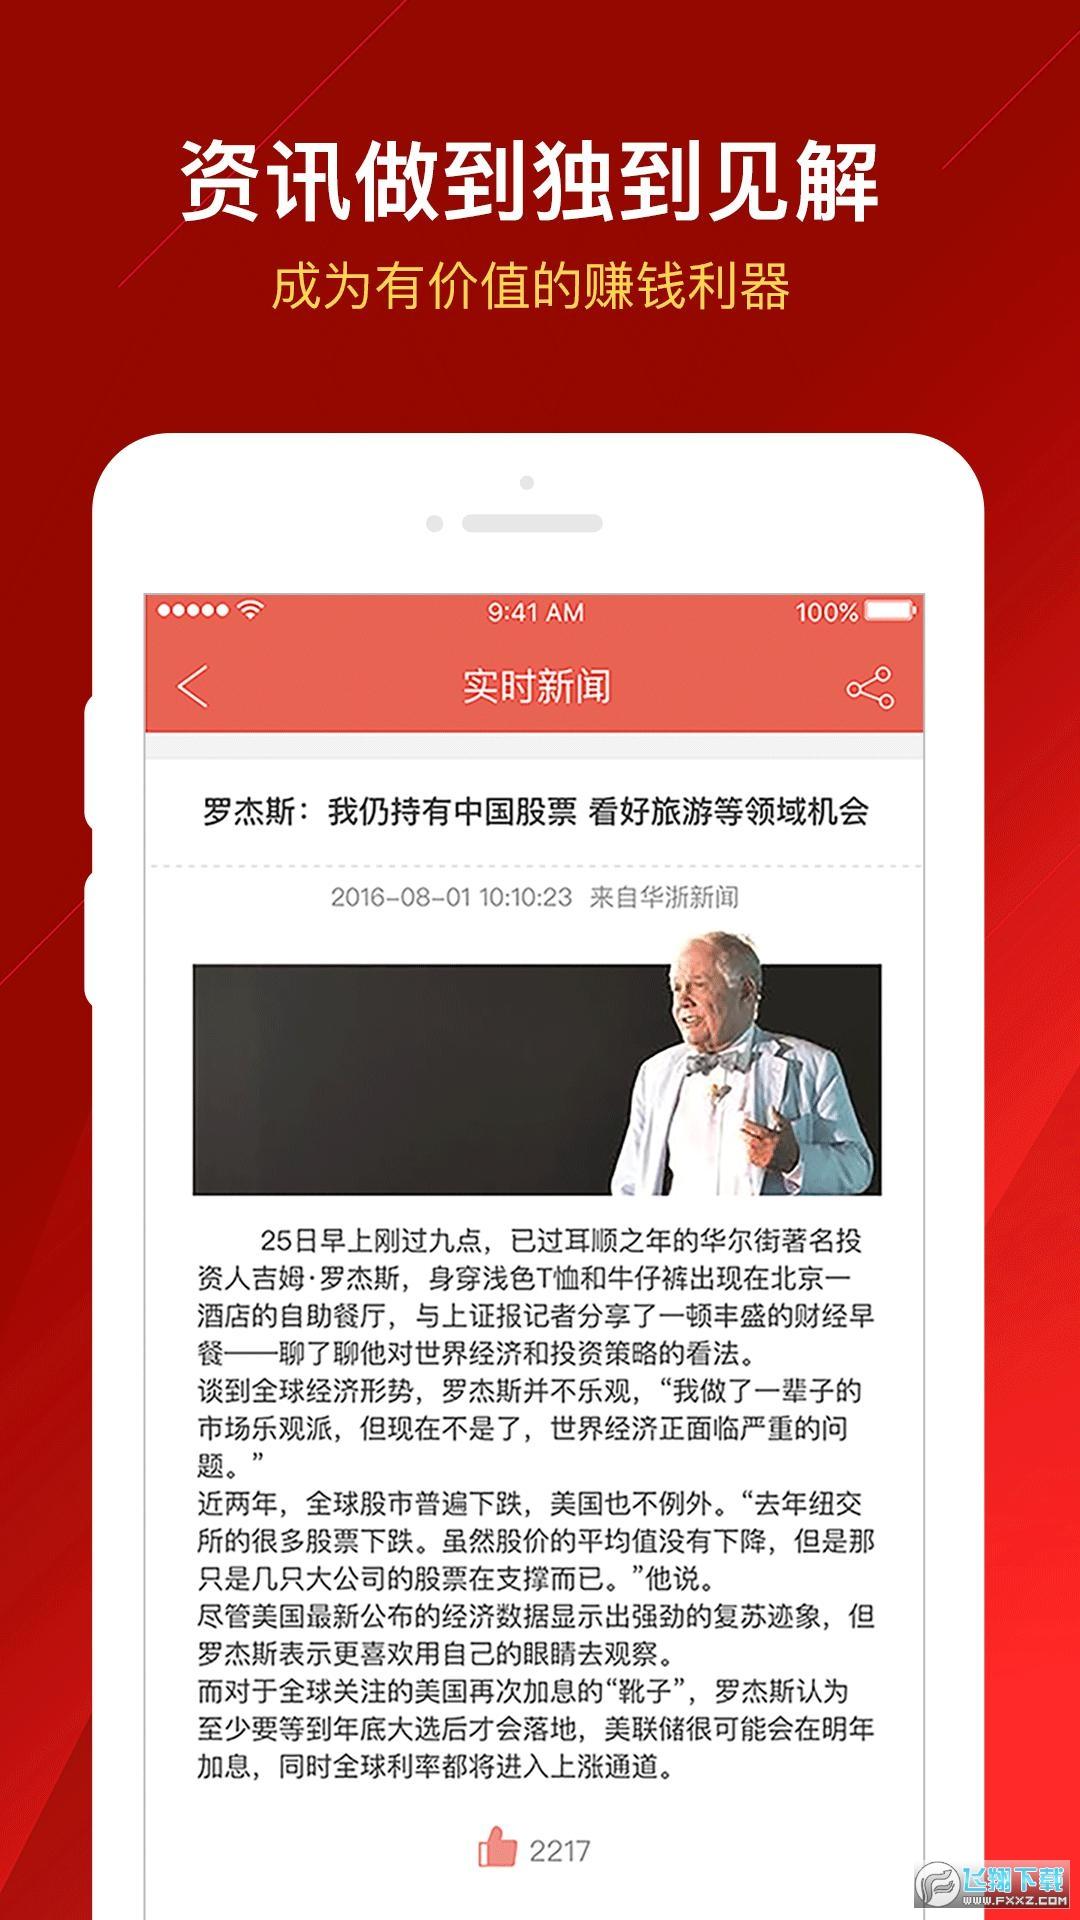 中晟环球官网appv1.0.1最新版截图1